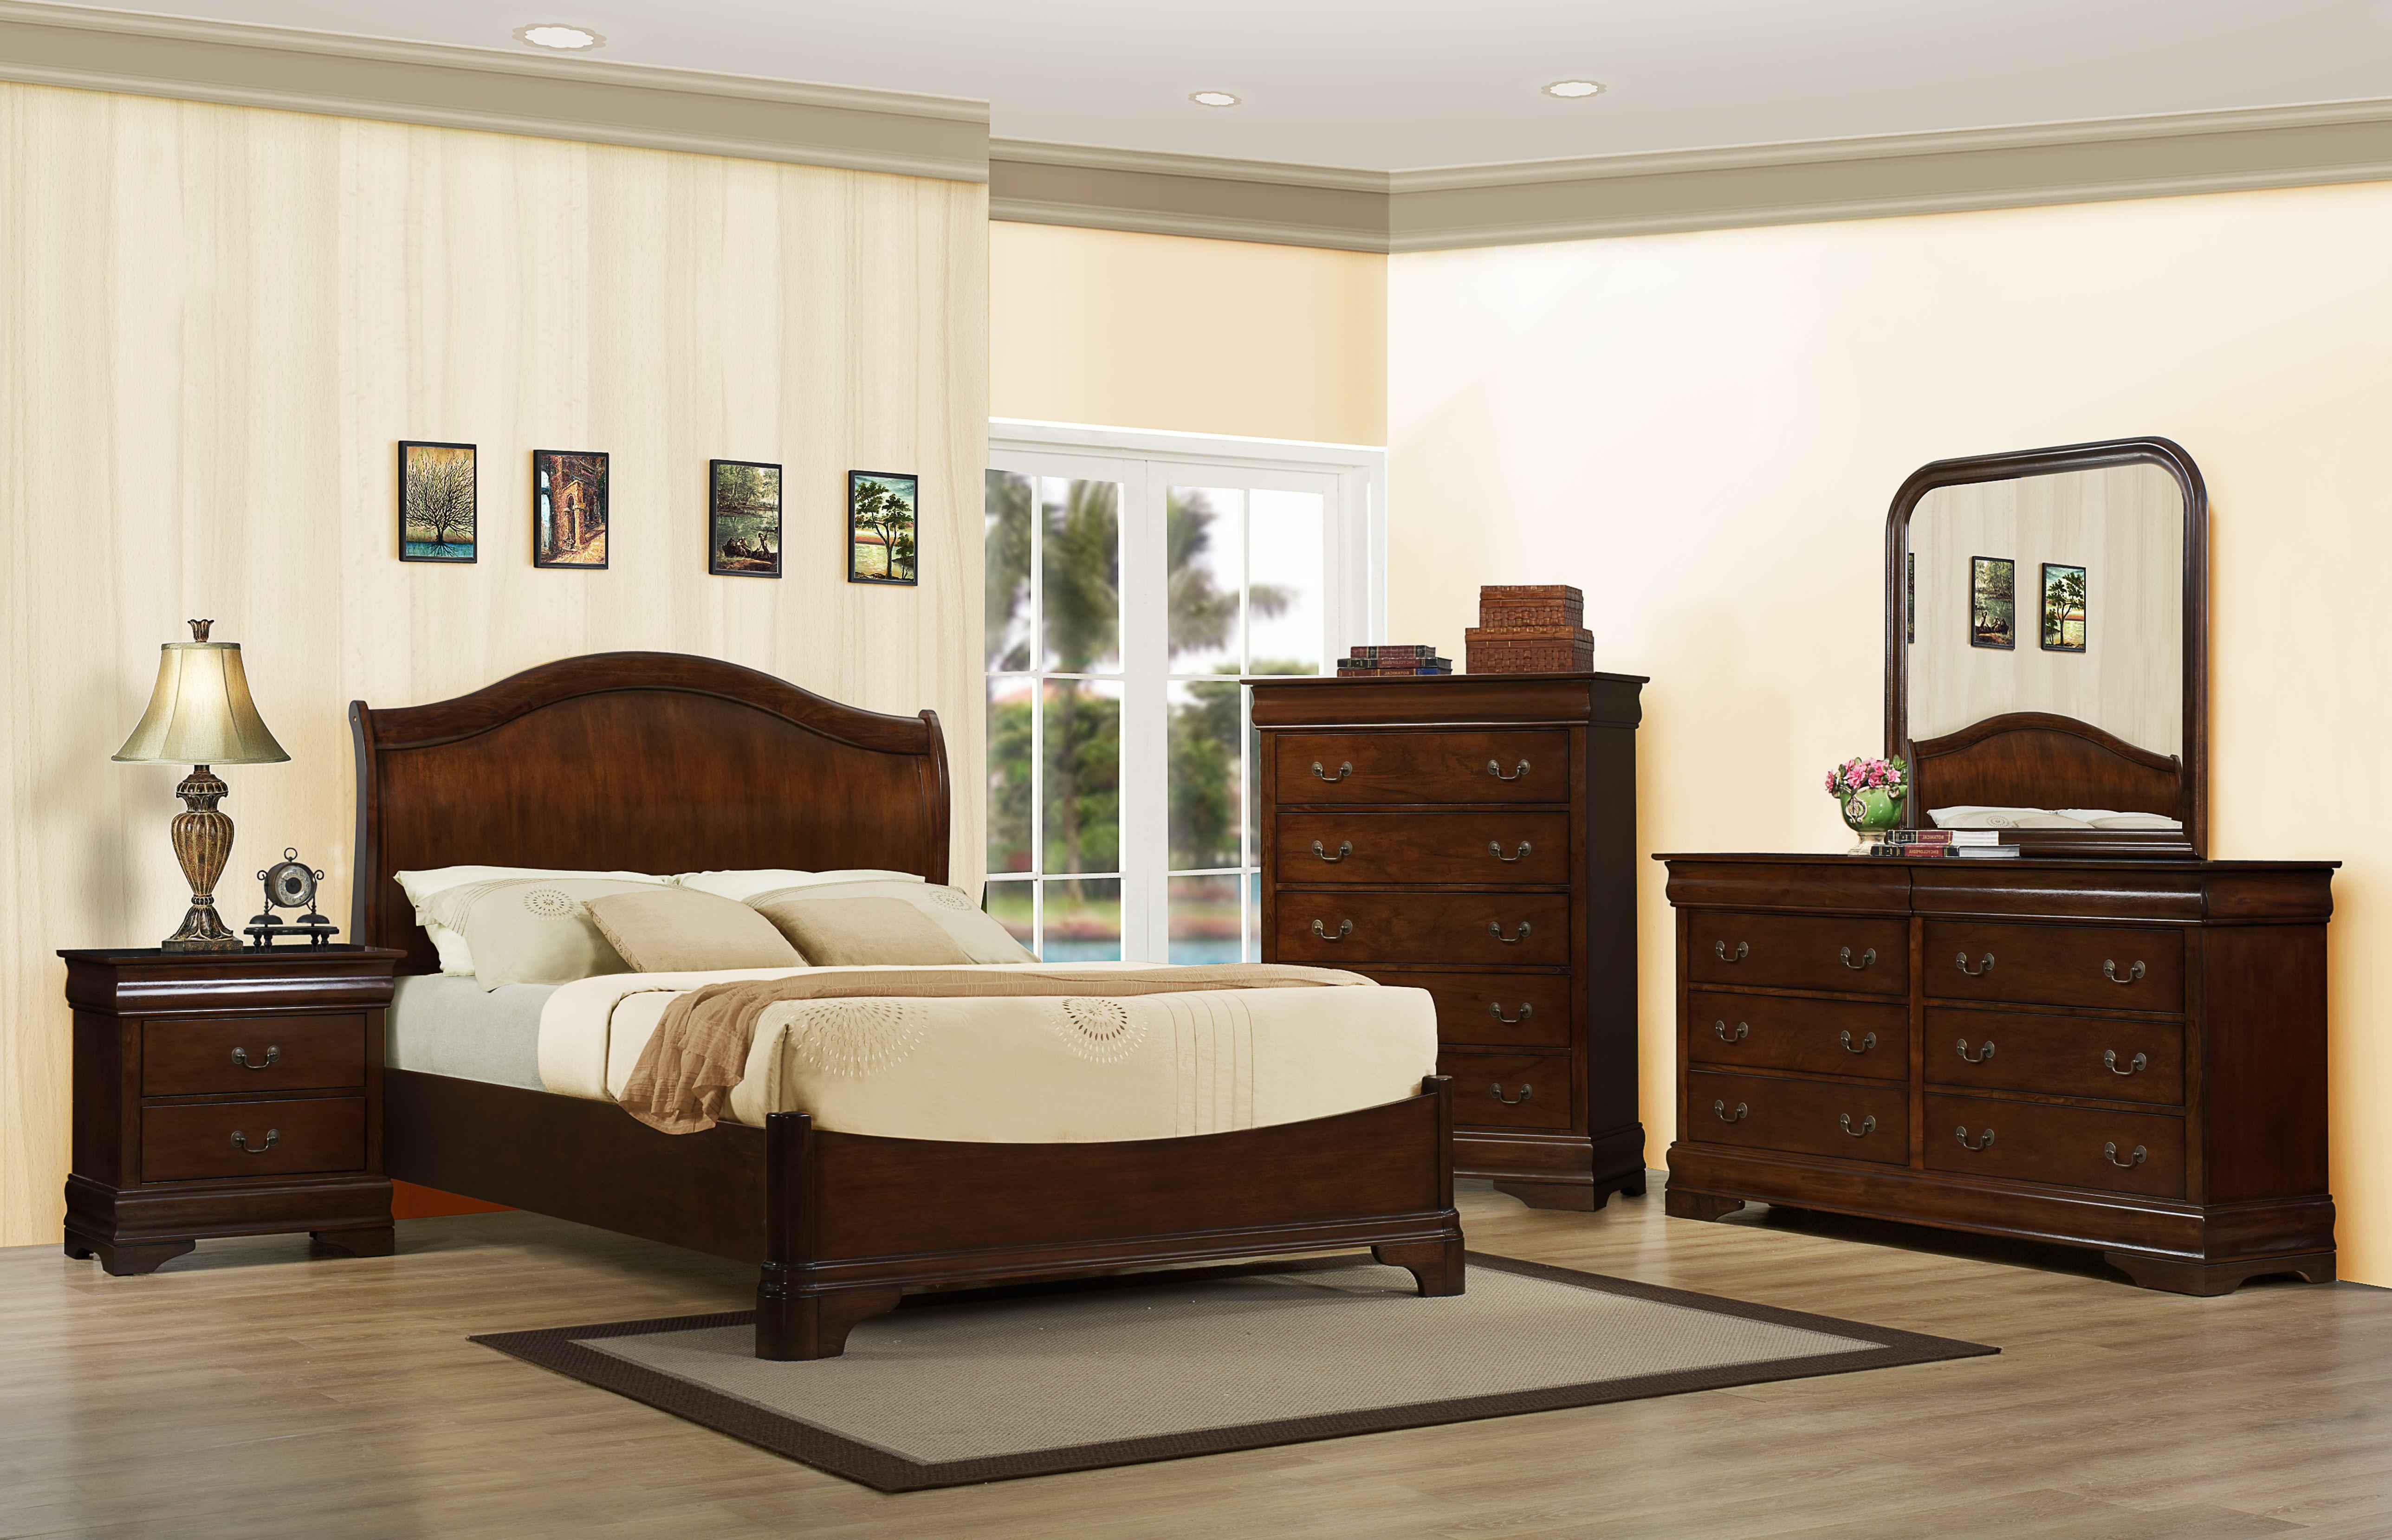 Prillo meuble de chambre coucher aubaine de la semaine for Entrepot de meuble